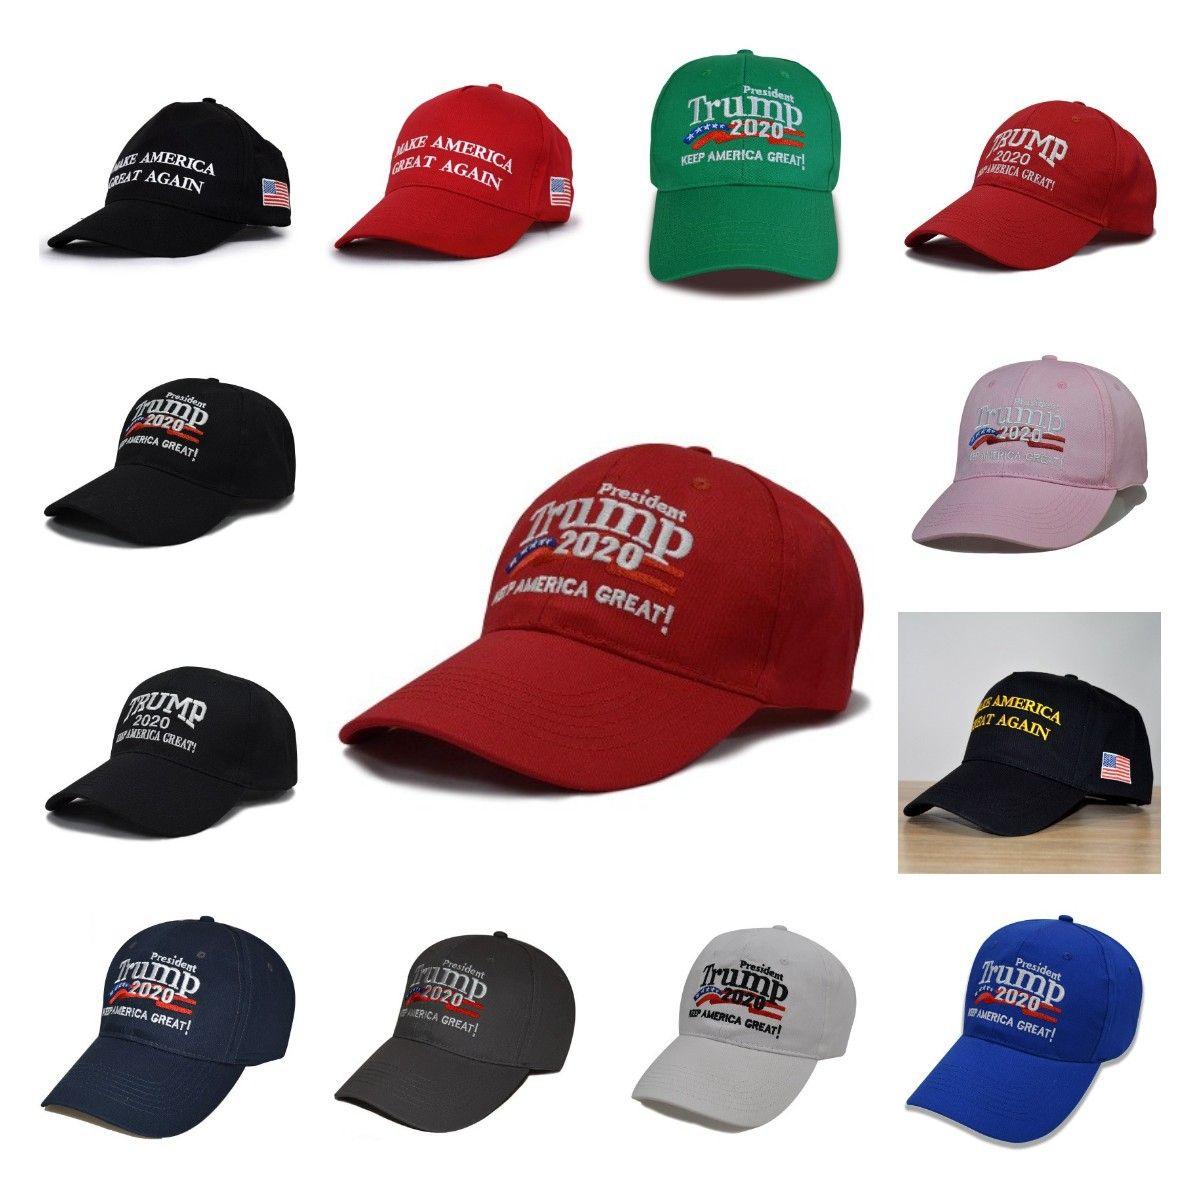 13Styles دونالد ترامب قبعة البيسبول ستار الولايات المتحدة الأمريكية العلم التمويه كاب إبقاء أمريكا القبعات العظمى 3D التطريز رسالة قابل للتعديل سنببك LJJA4305552